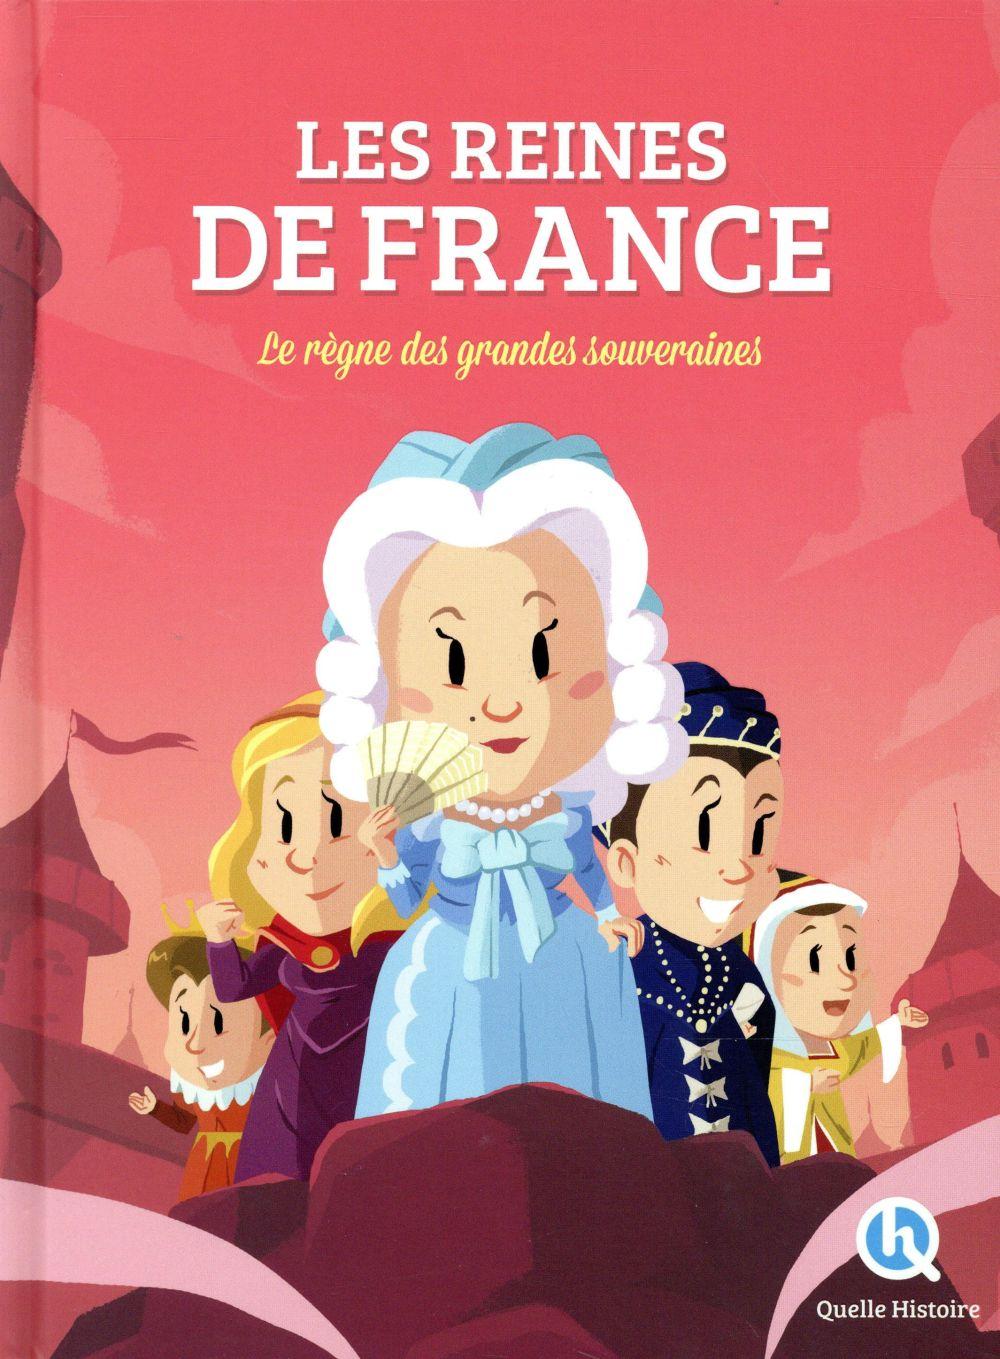 Les reines de France